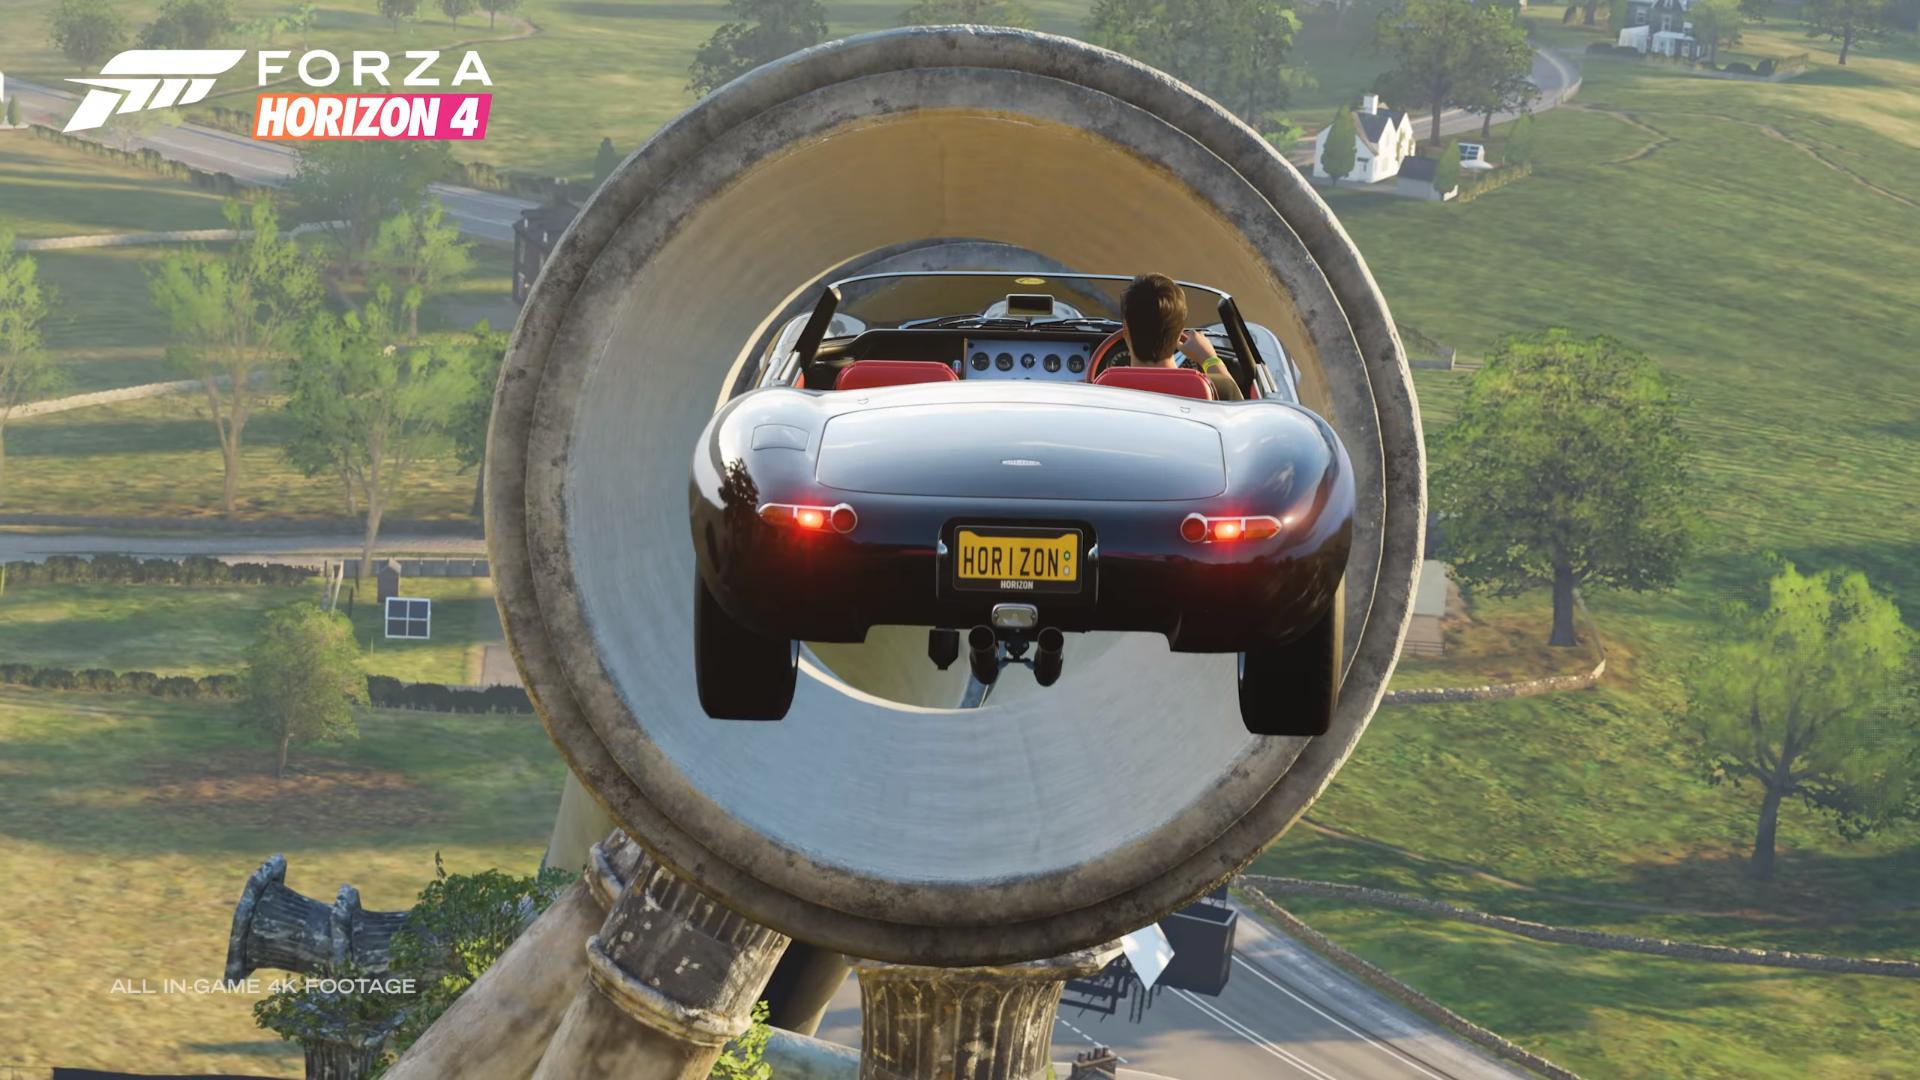 Forza Horizon 4